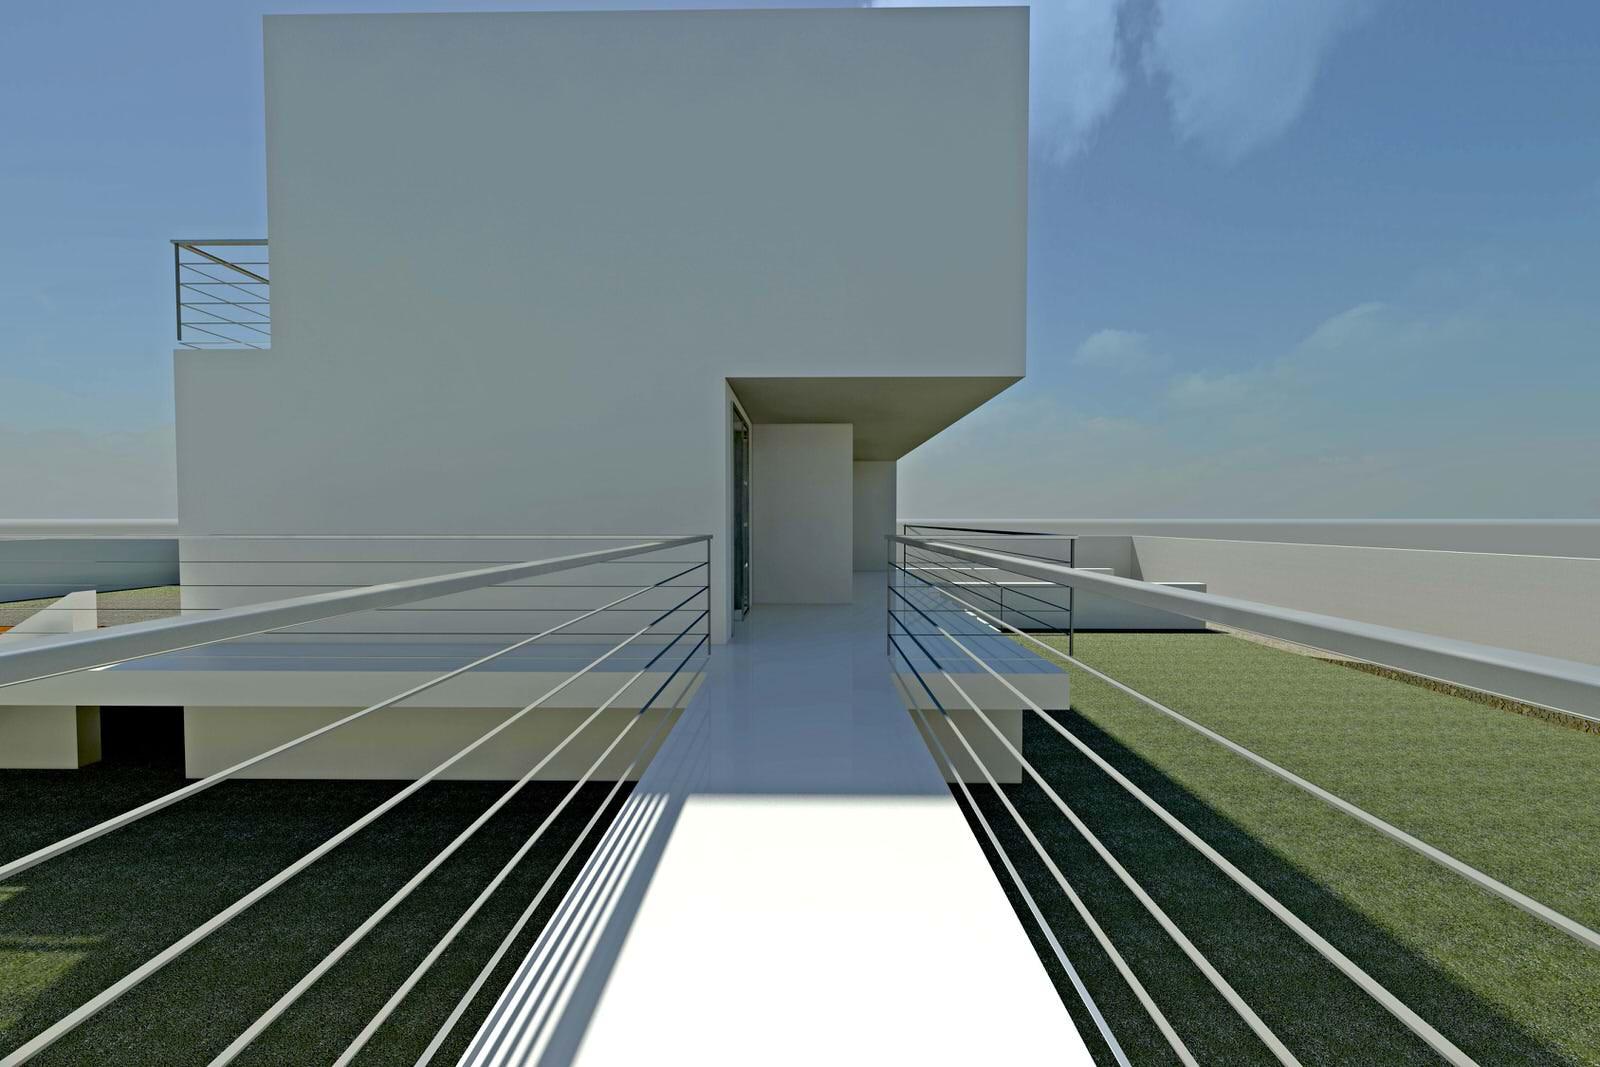 Villa 00 ISprogettazione